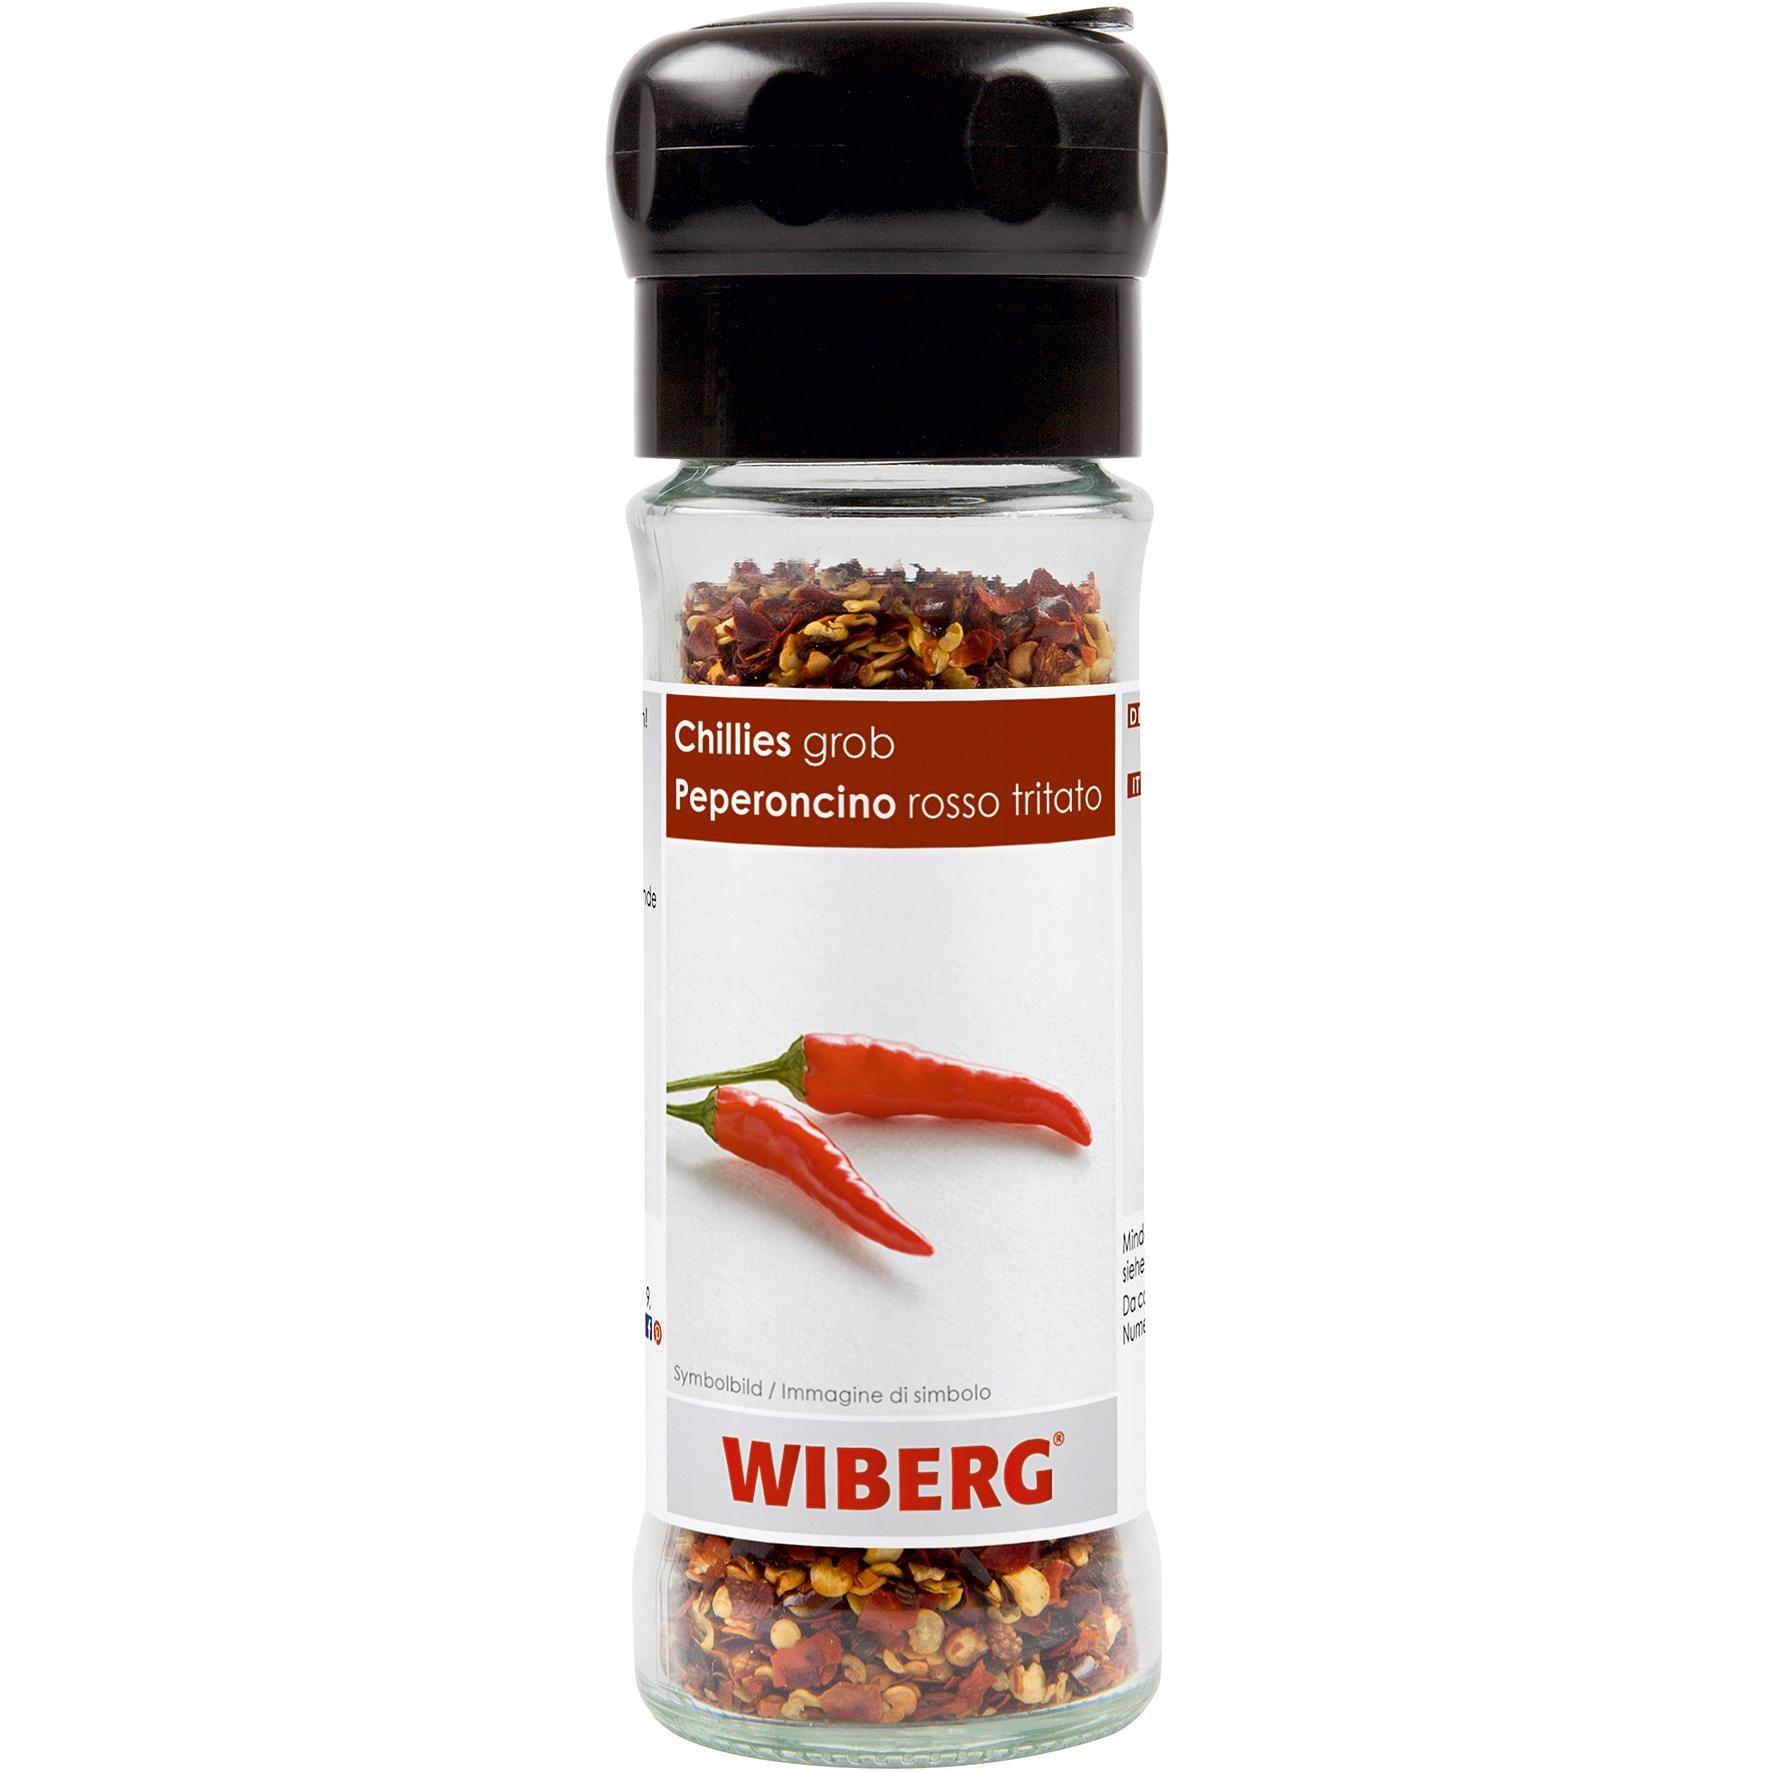 Wiberg - Chillies geschrotet Mühle rot Gewürz Schärfe - 35g